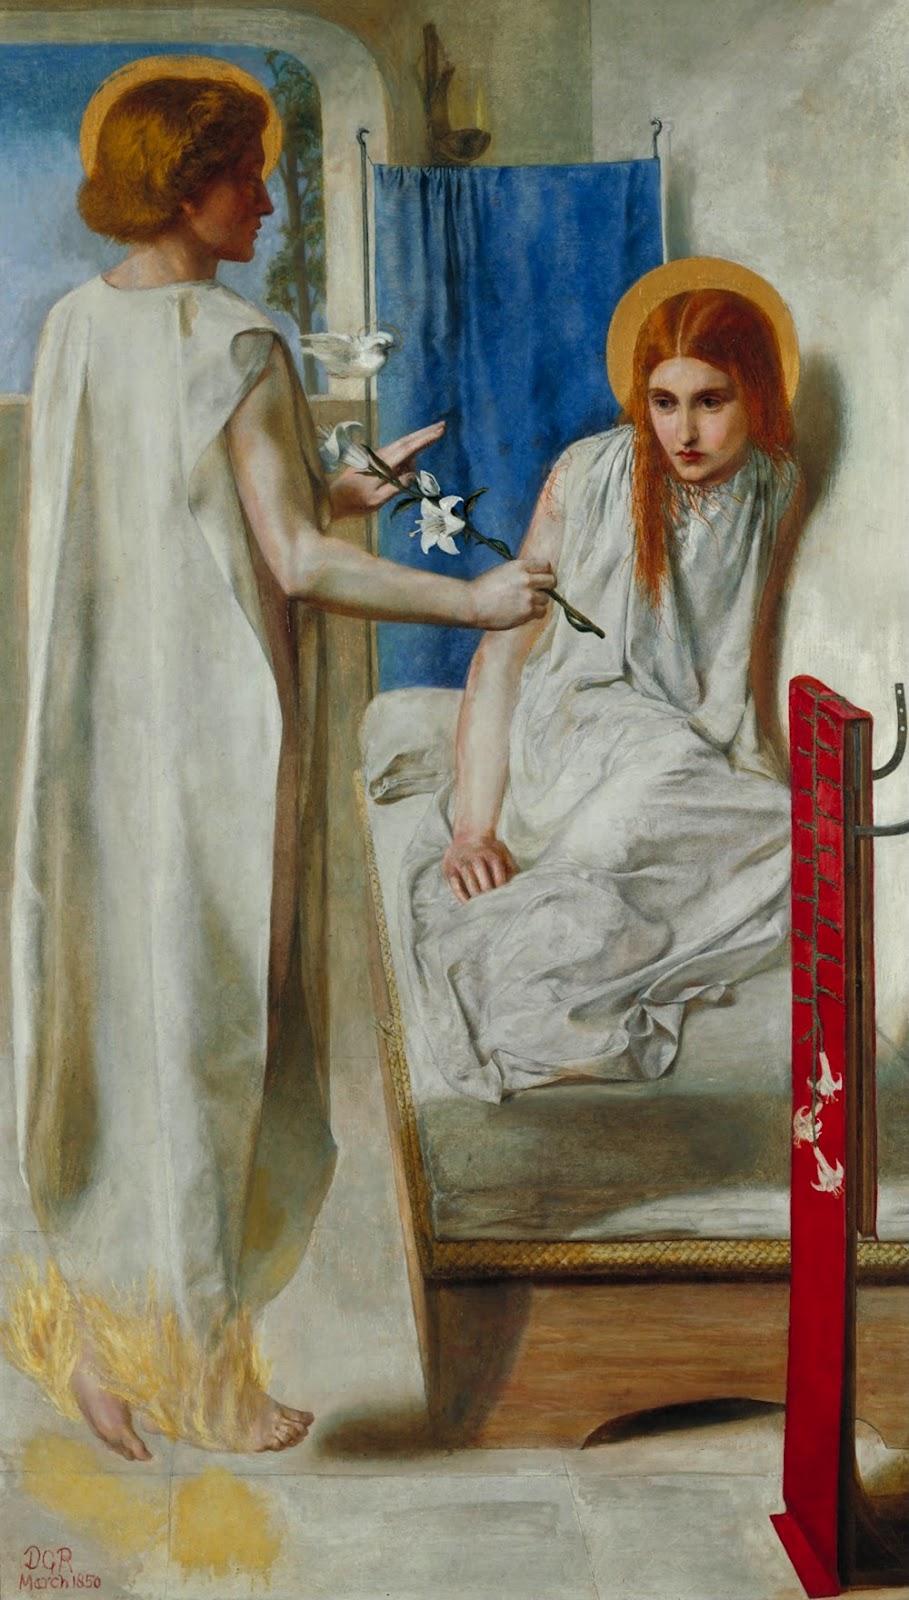 Dante Gabriel Rossetti: Ecce Ancilla Domini (1850)